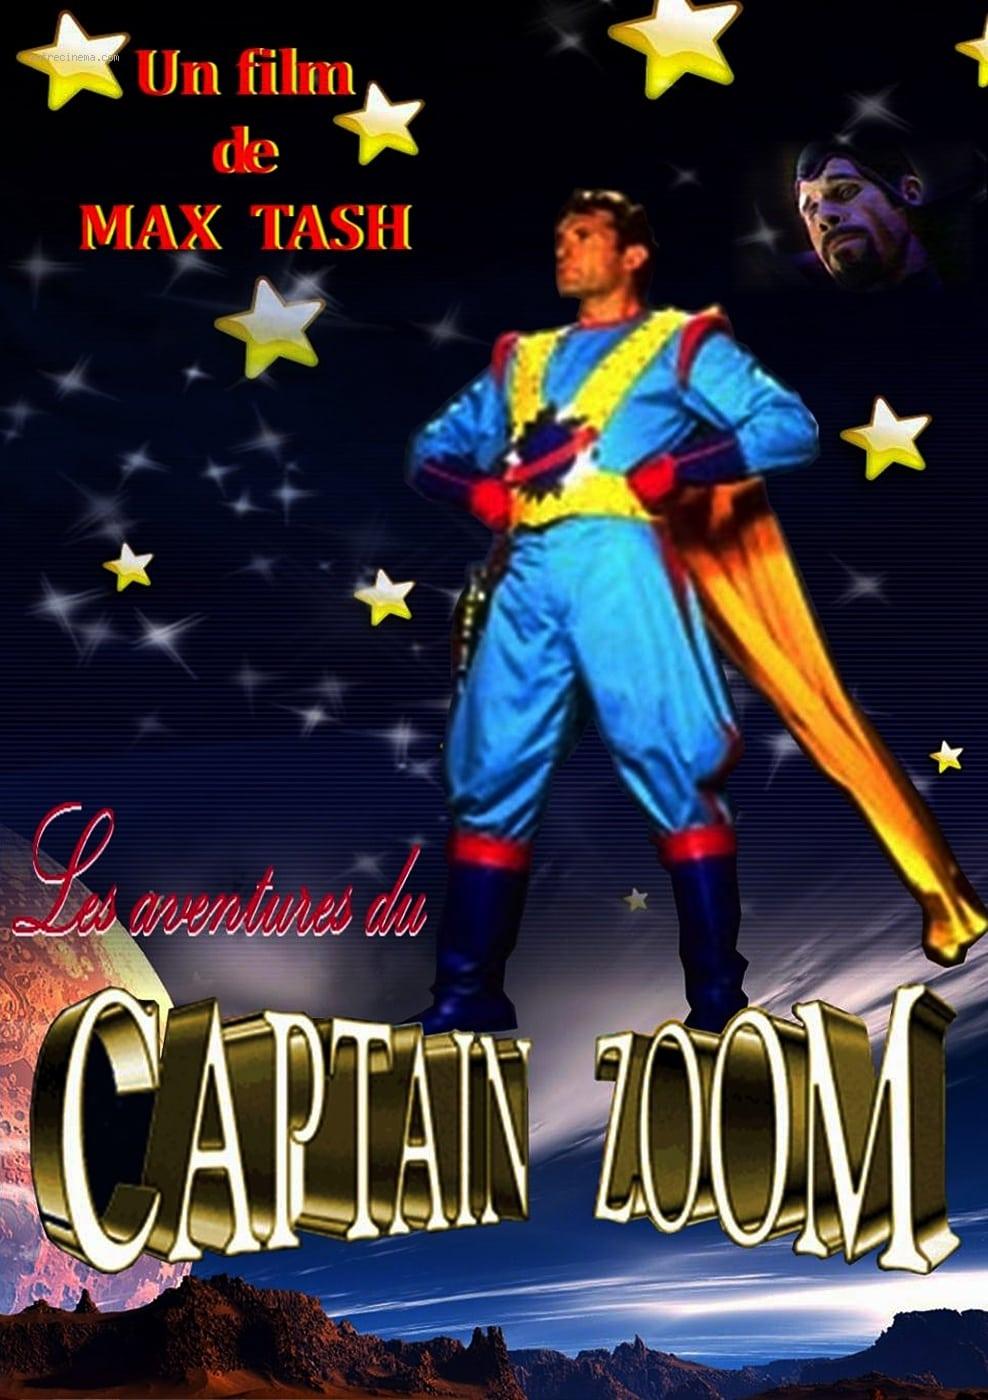 Les aventures de Captain Zoom